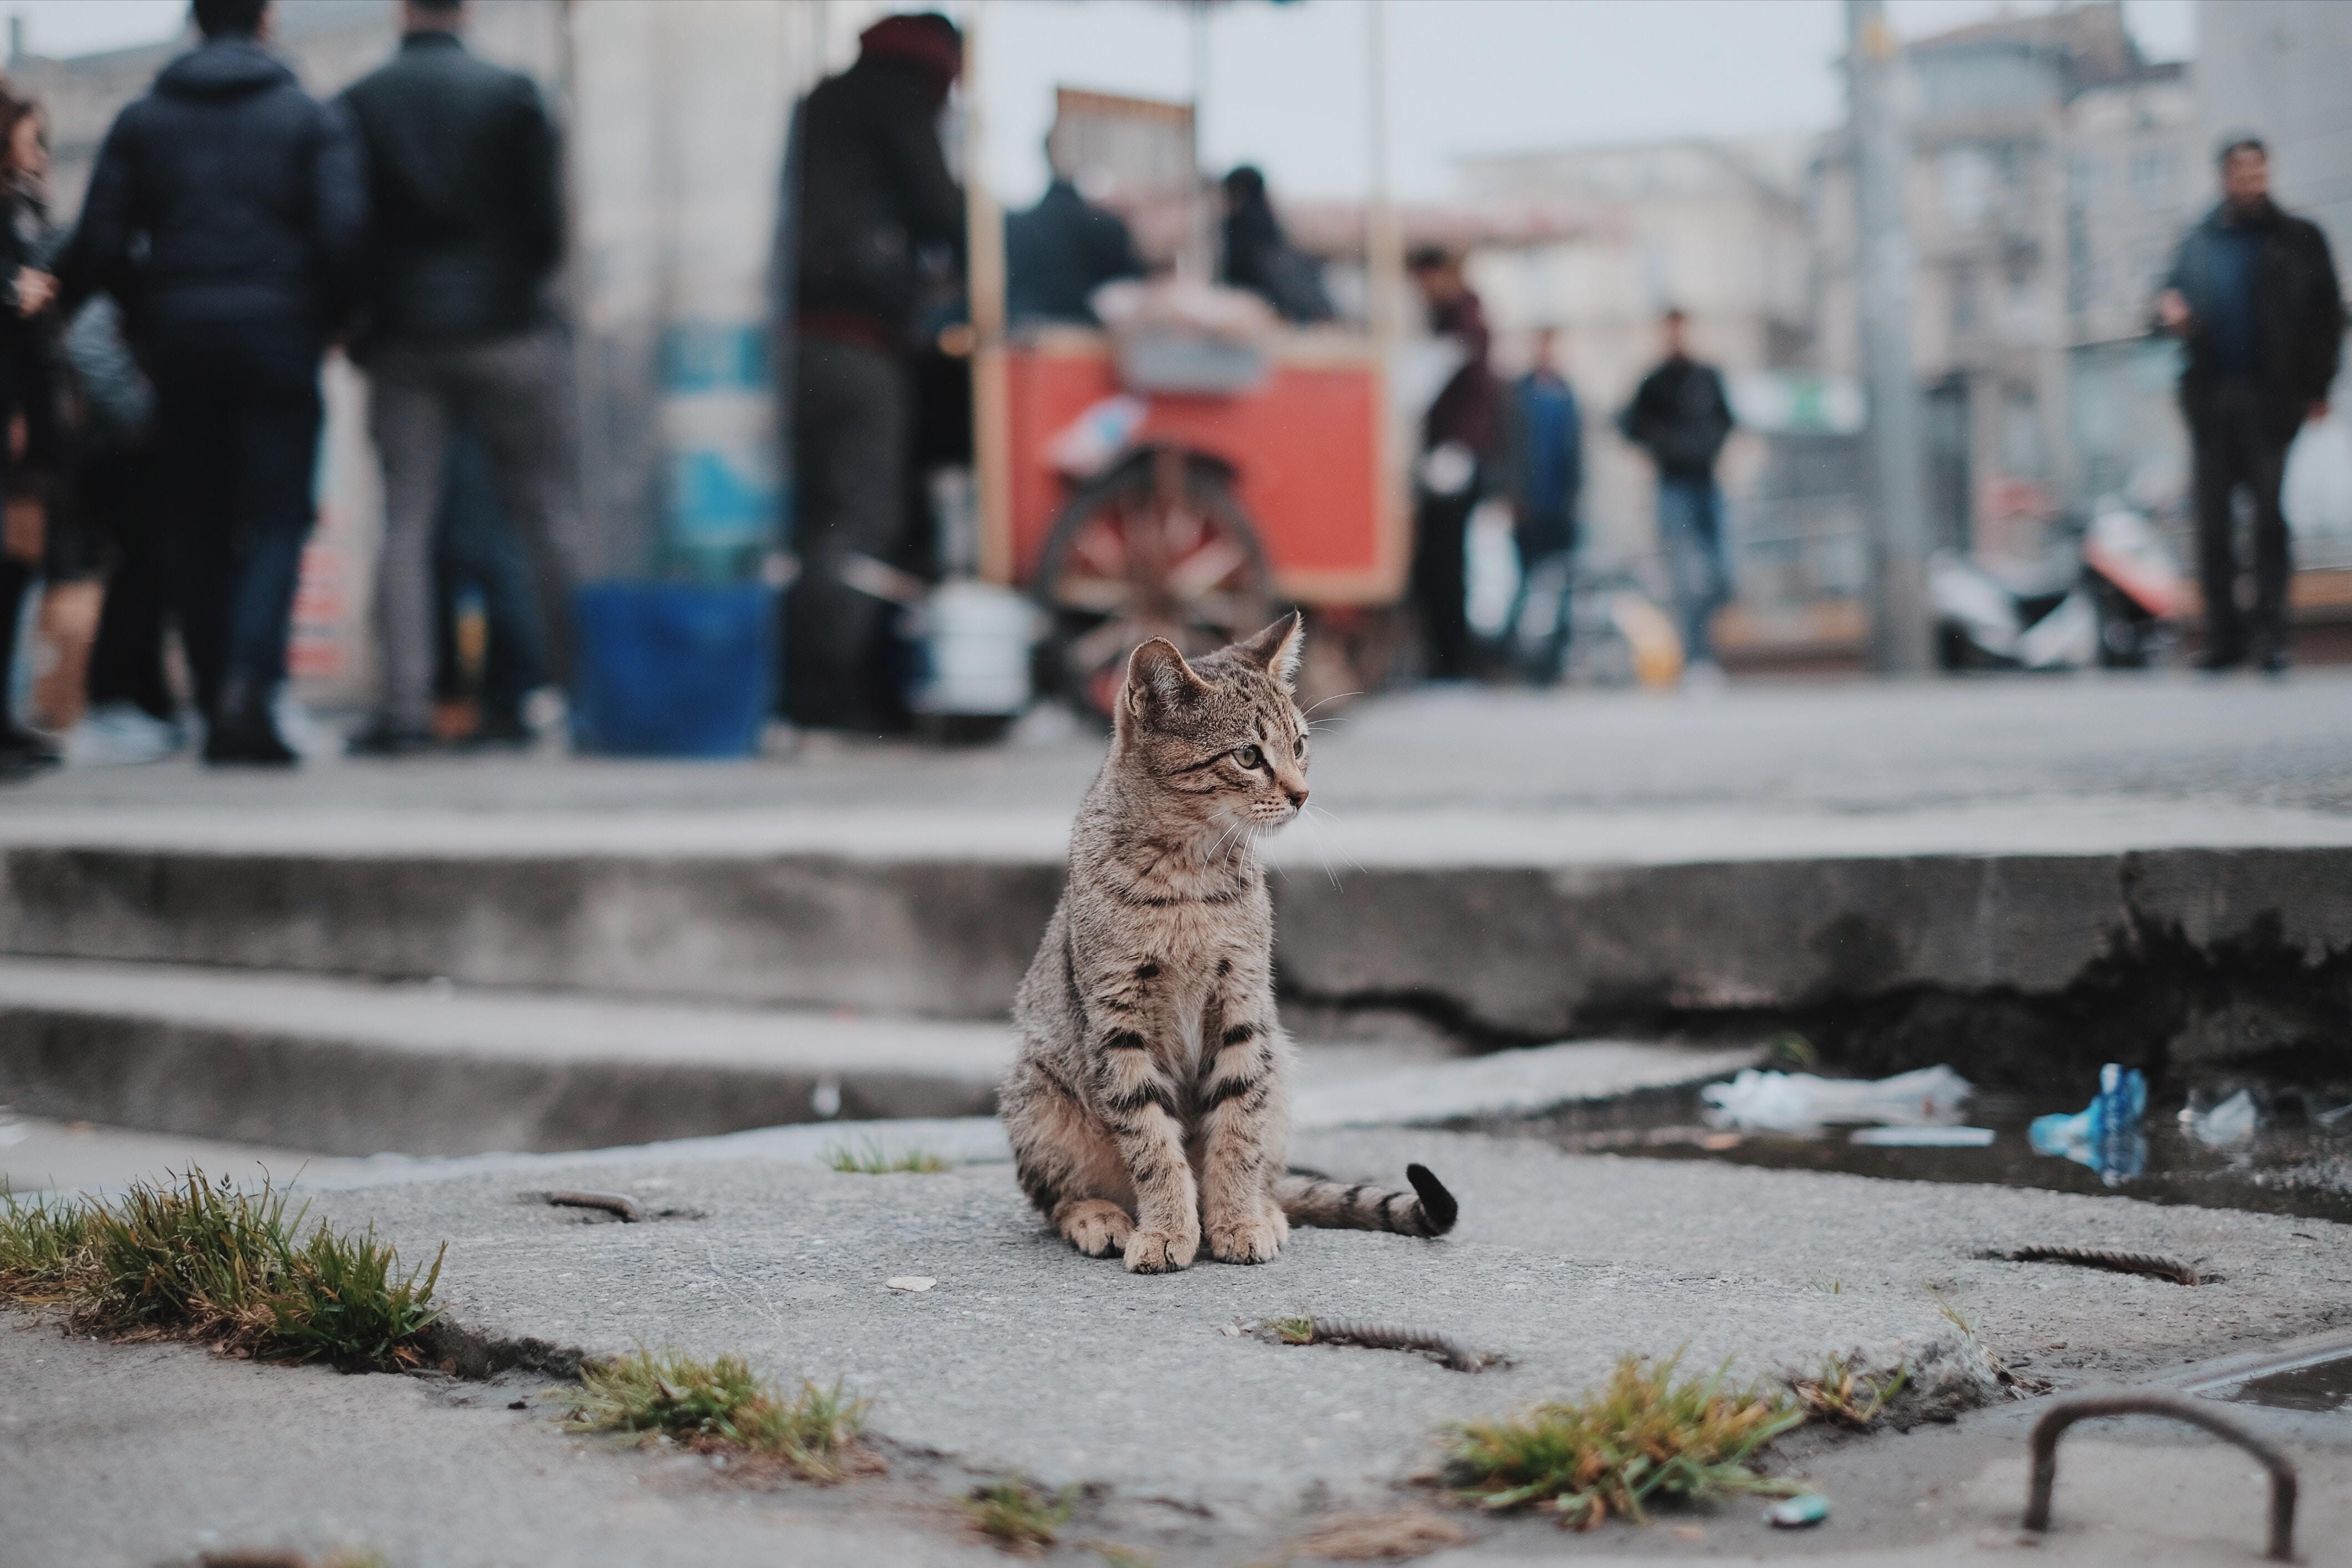 Młody, zagubiony kociak siedzi na ulicy, pośród tłumu, kałuż i śmieci. Ulica nie powinna być miejscem dla kotów.